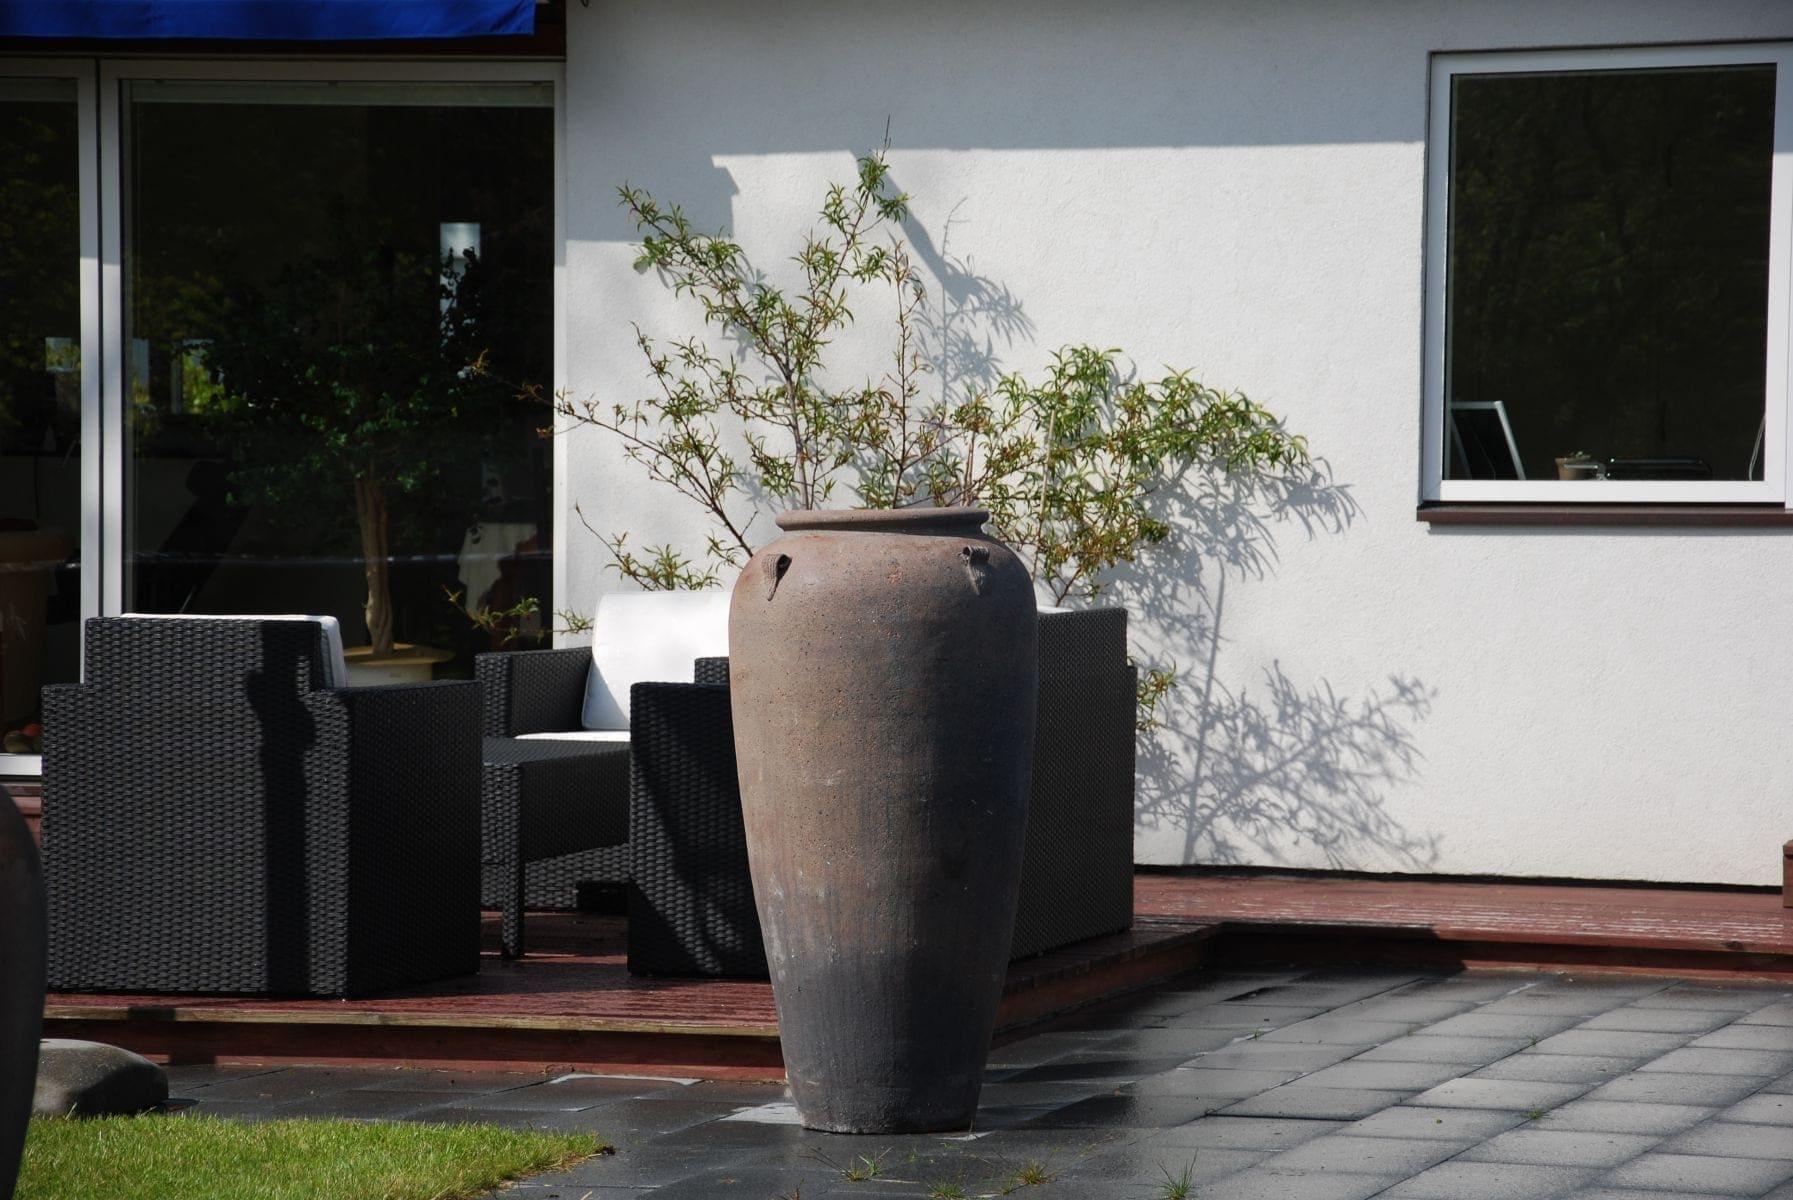 Vaso Stretto stora medelhavsurnor och utekrukor Cadabra Design